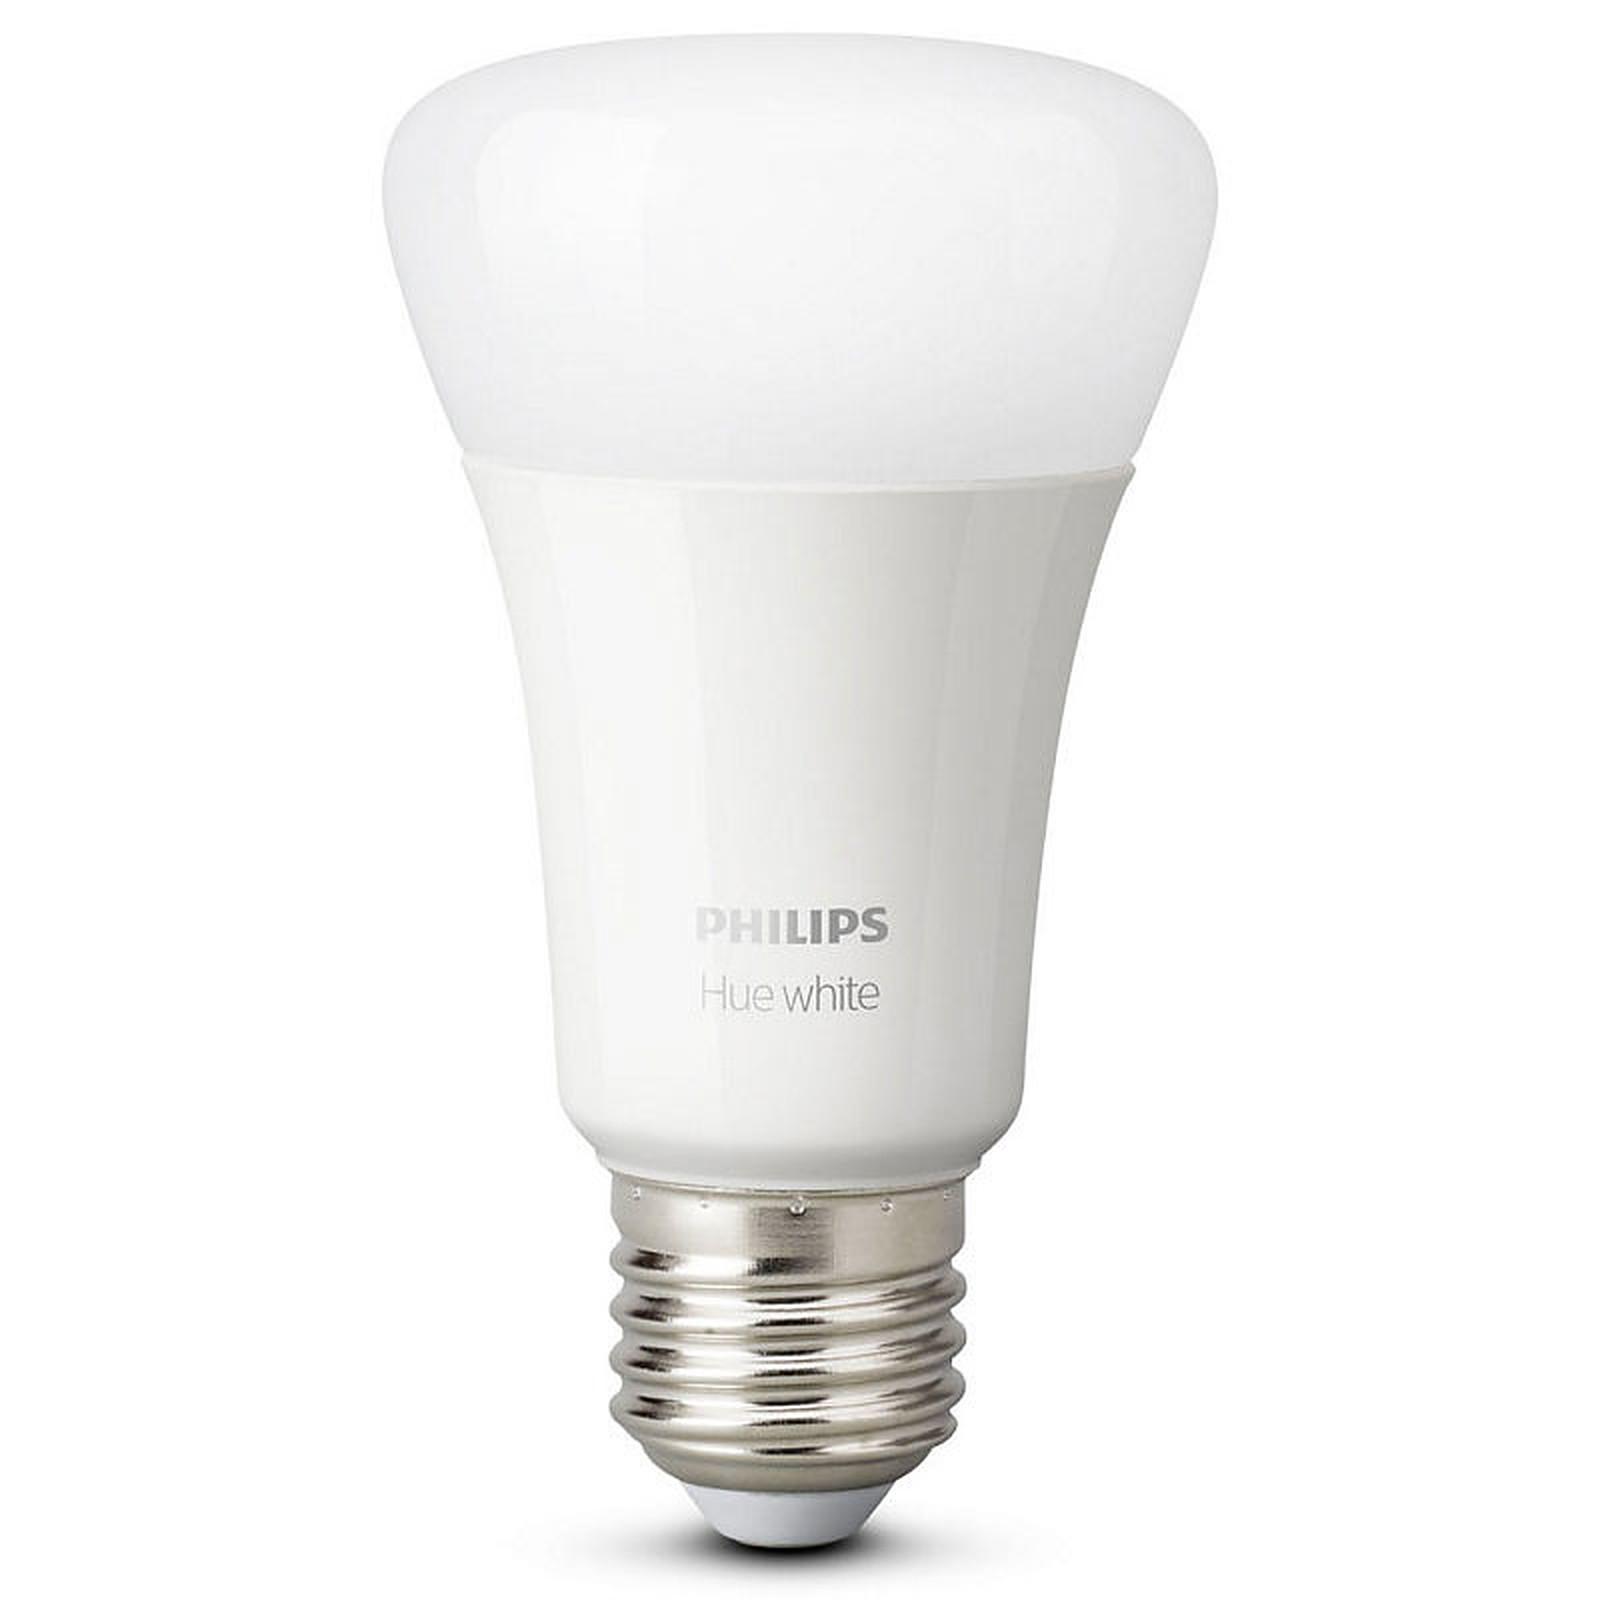 Philips Hue White E27 Bluetooth